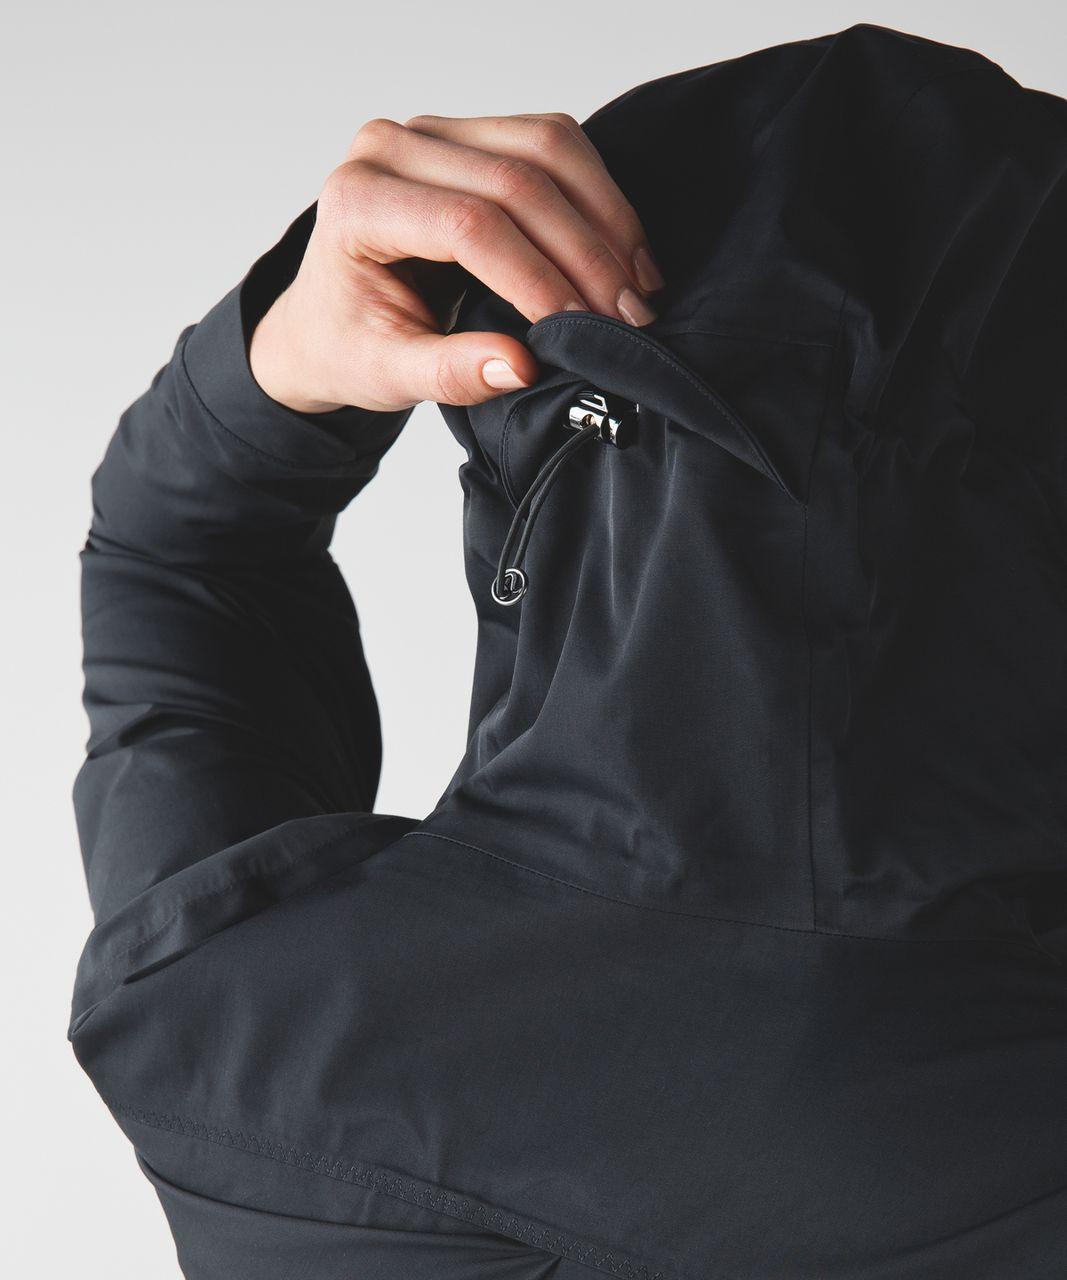 Lululemon Savasana Waterproof Jacket II - Black